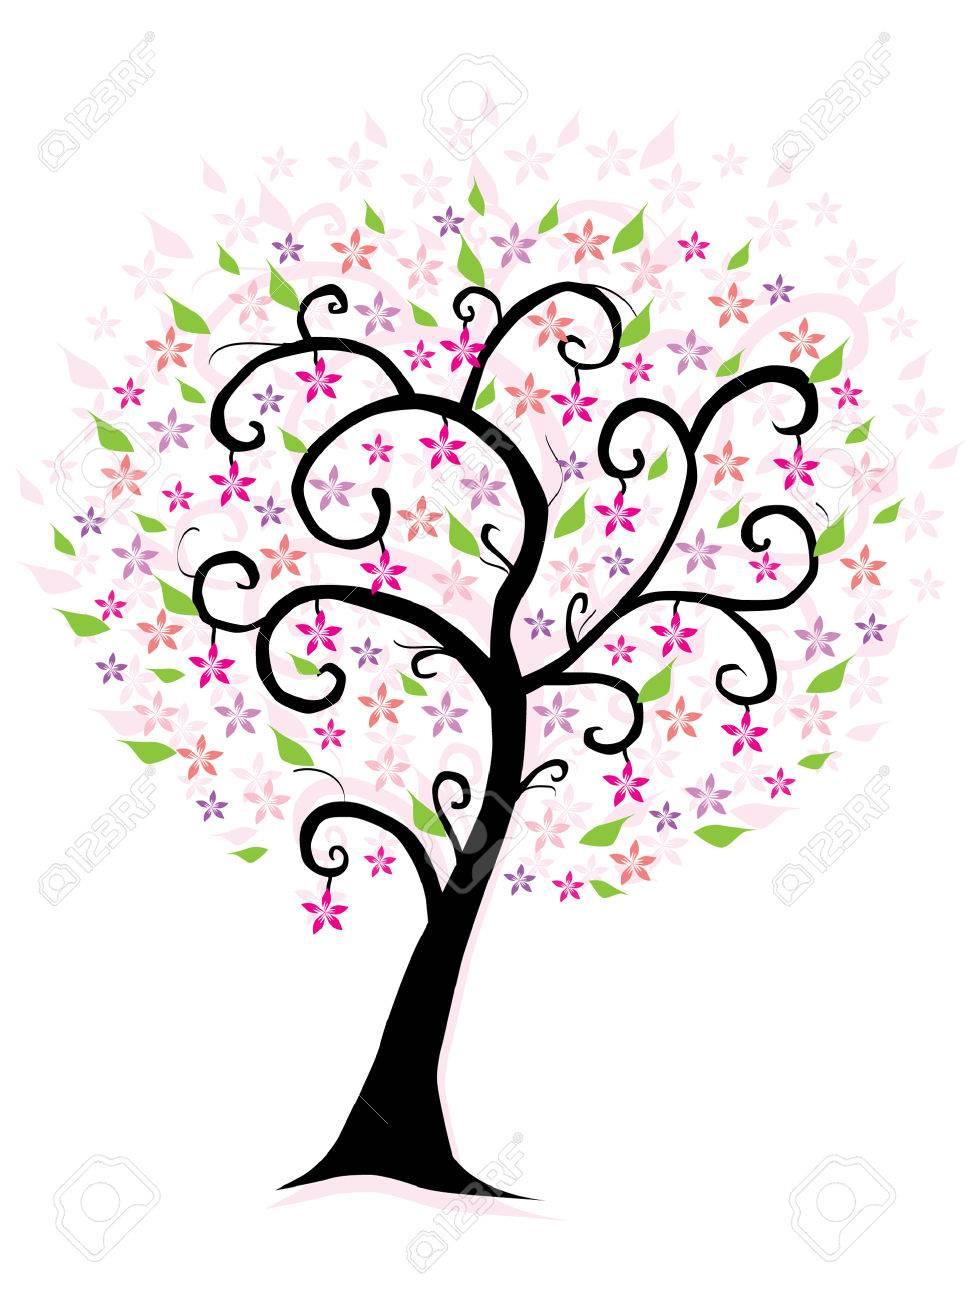 arbre abstrait fleur rose clip art libres de droits , vecteurs et